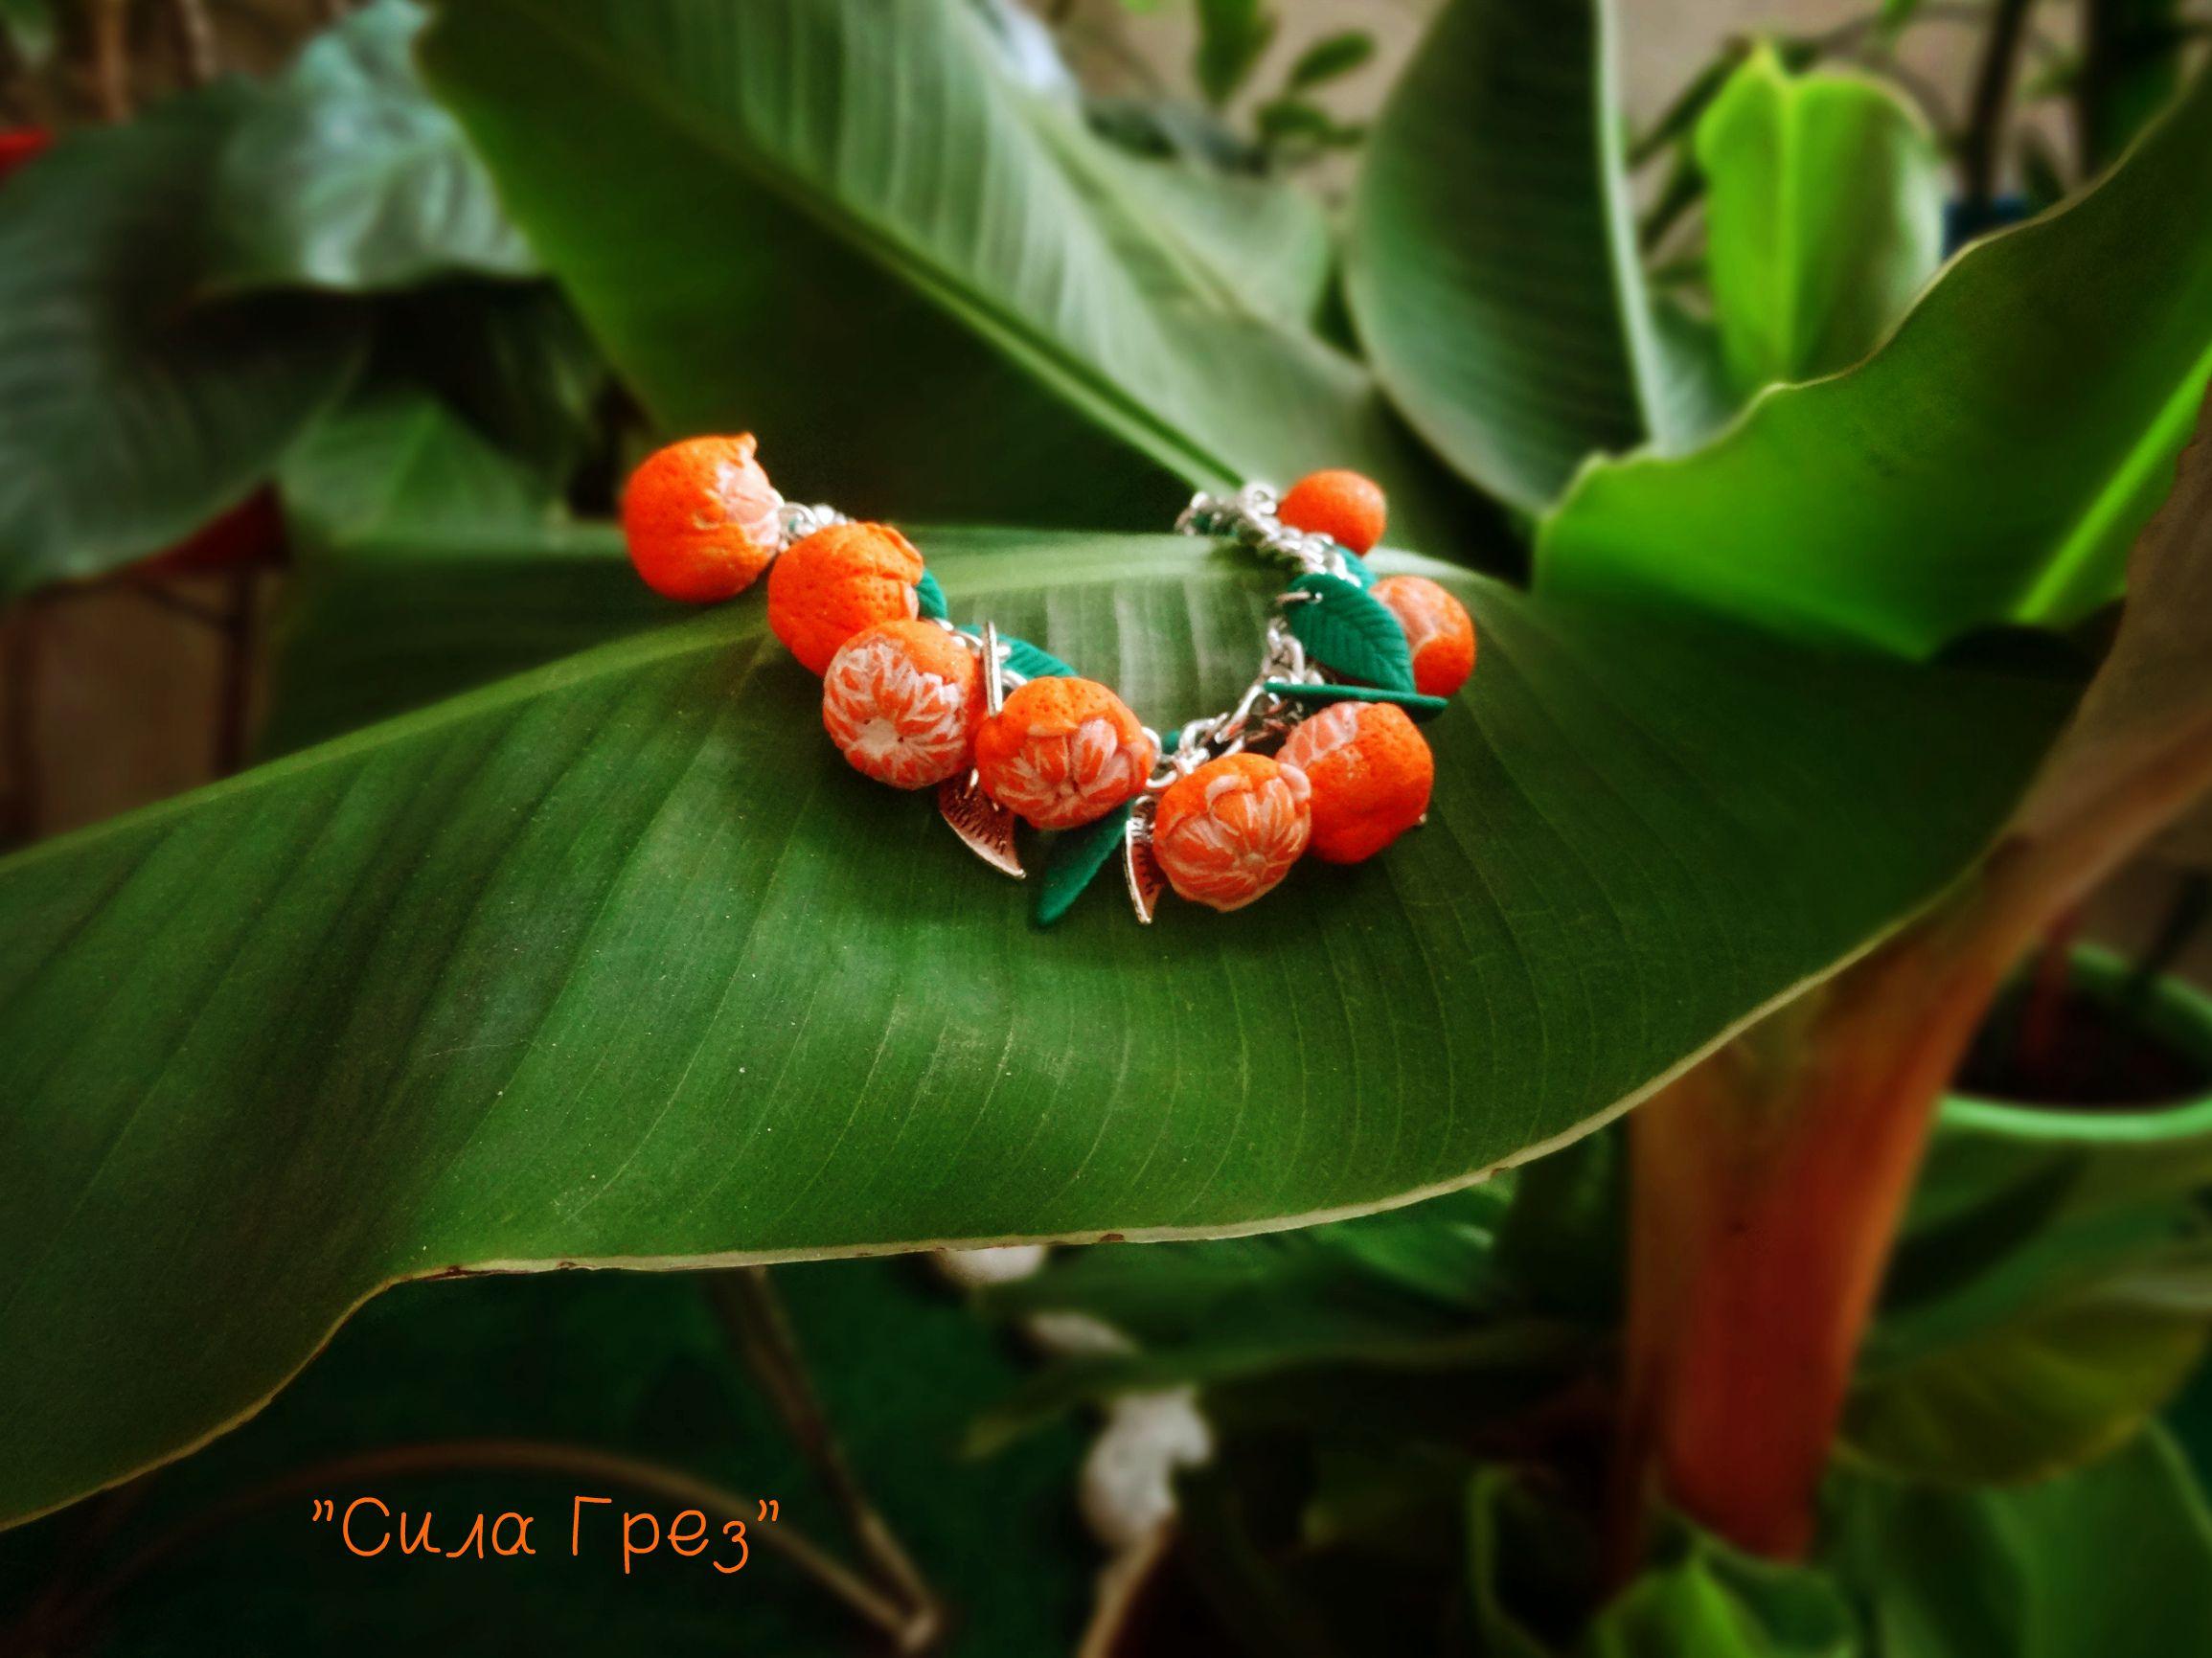 полимерная глина подарок браслет работа год ручная новый мандарины у3крашение сувенир оранжевый